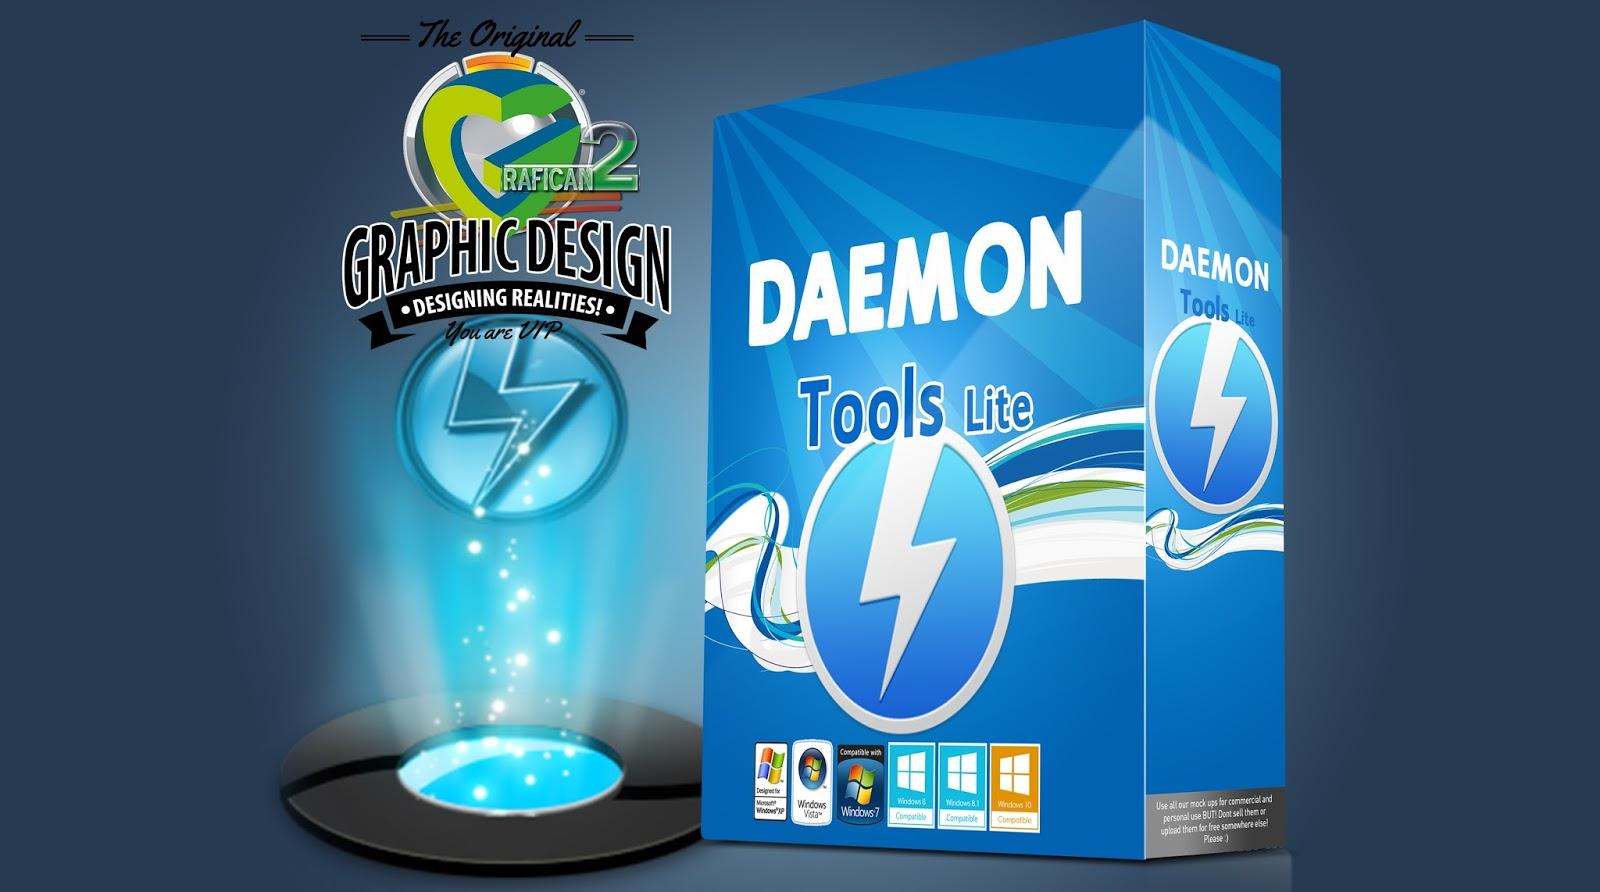 Grafican2 daemon tools lite full espa ol 2016 para - Daemon tools lite windows 8 ...